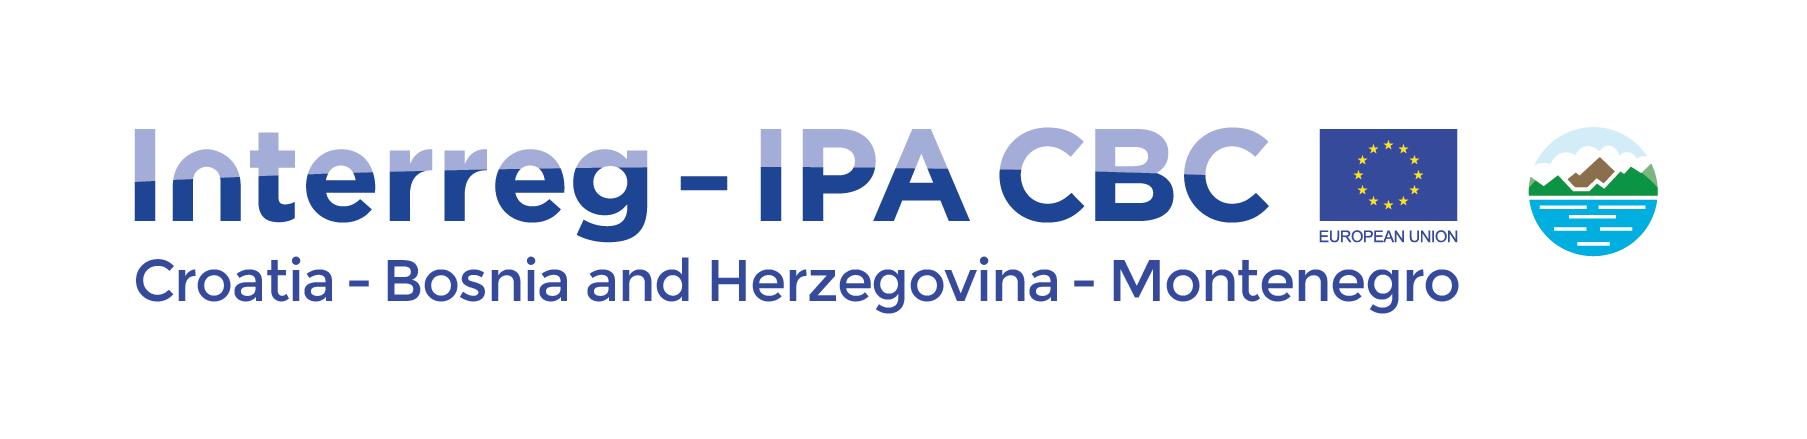 Otvoren 2. Interreg IPA program prekogranične suradnje Hrvatska -Bosna i Hercegovina- Crna Gora 2014